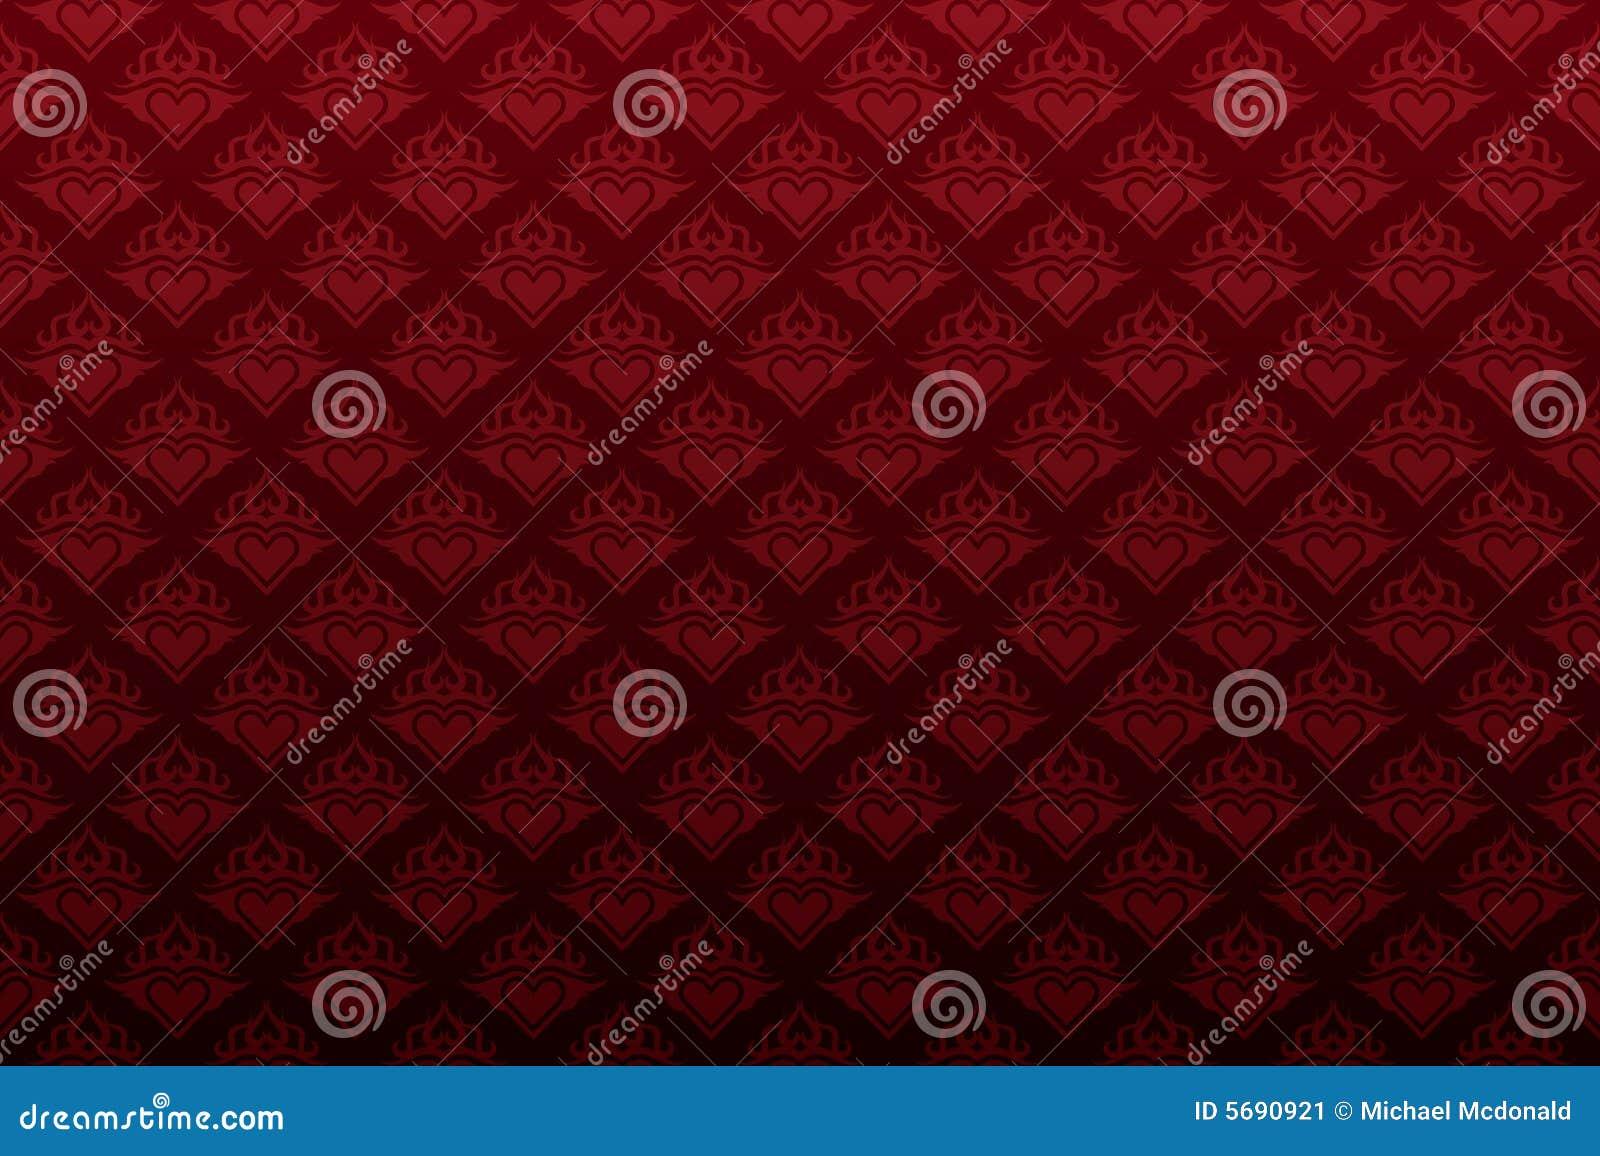 Escuro - papel de parede sem emenda floral do coração vermelho